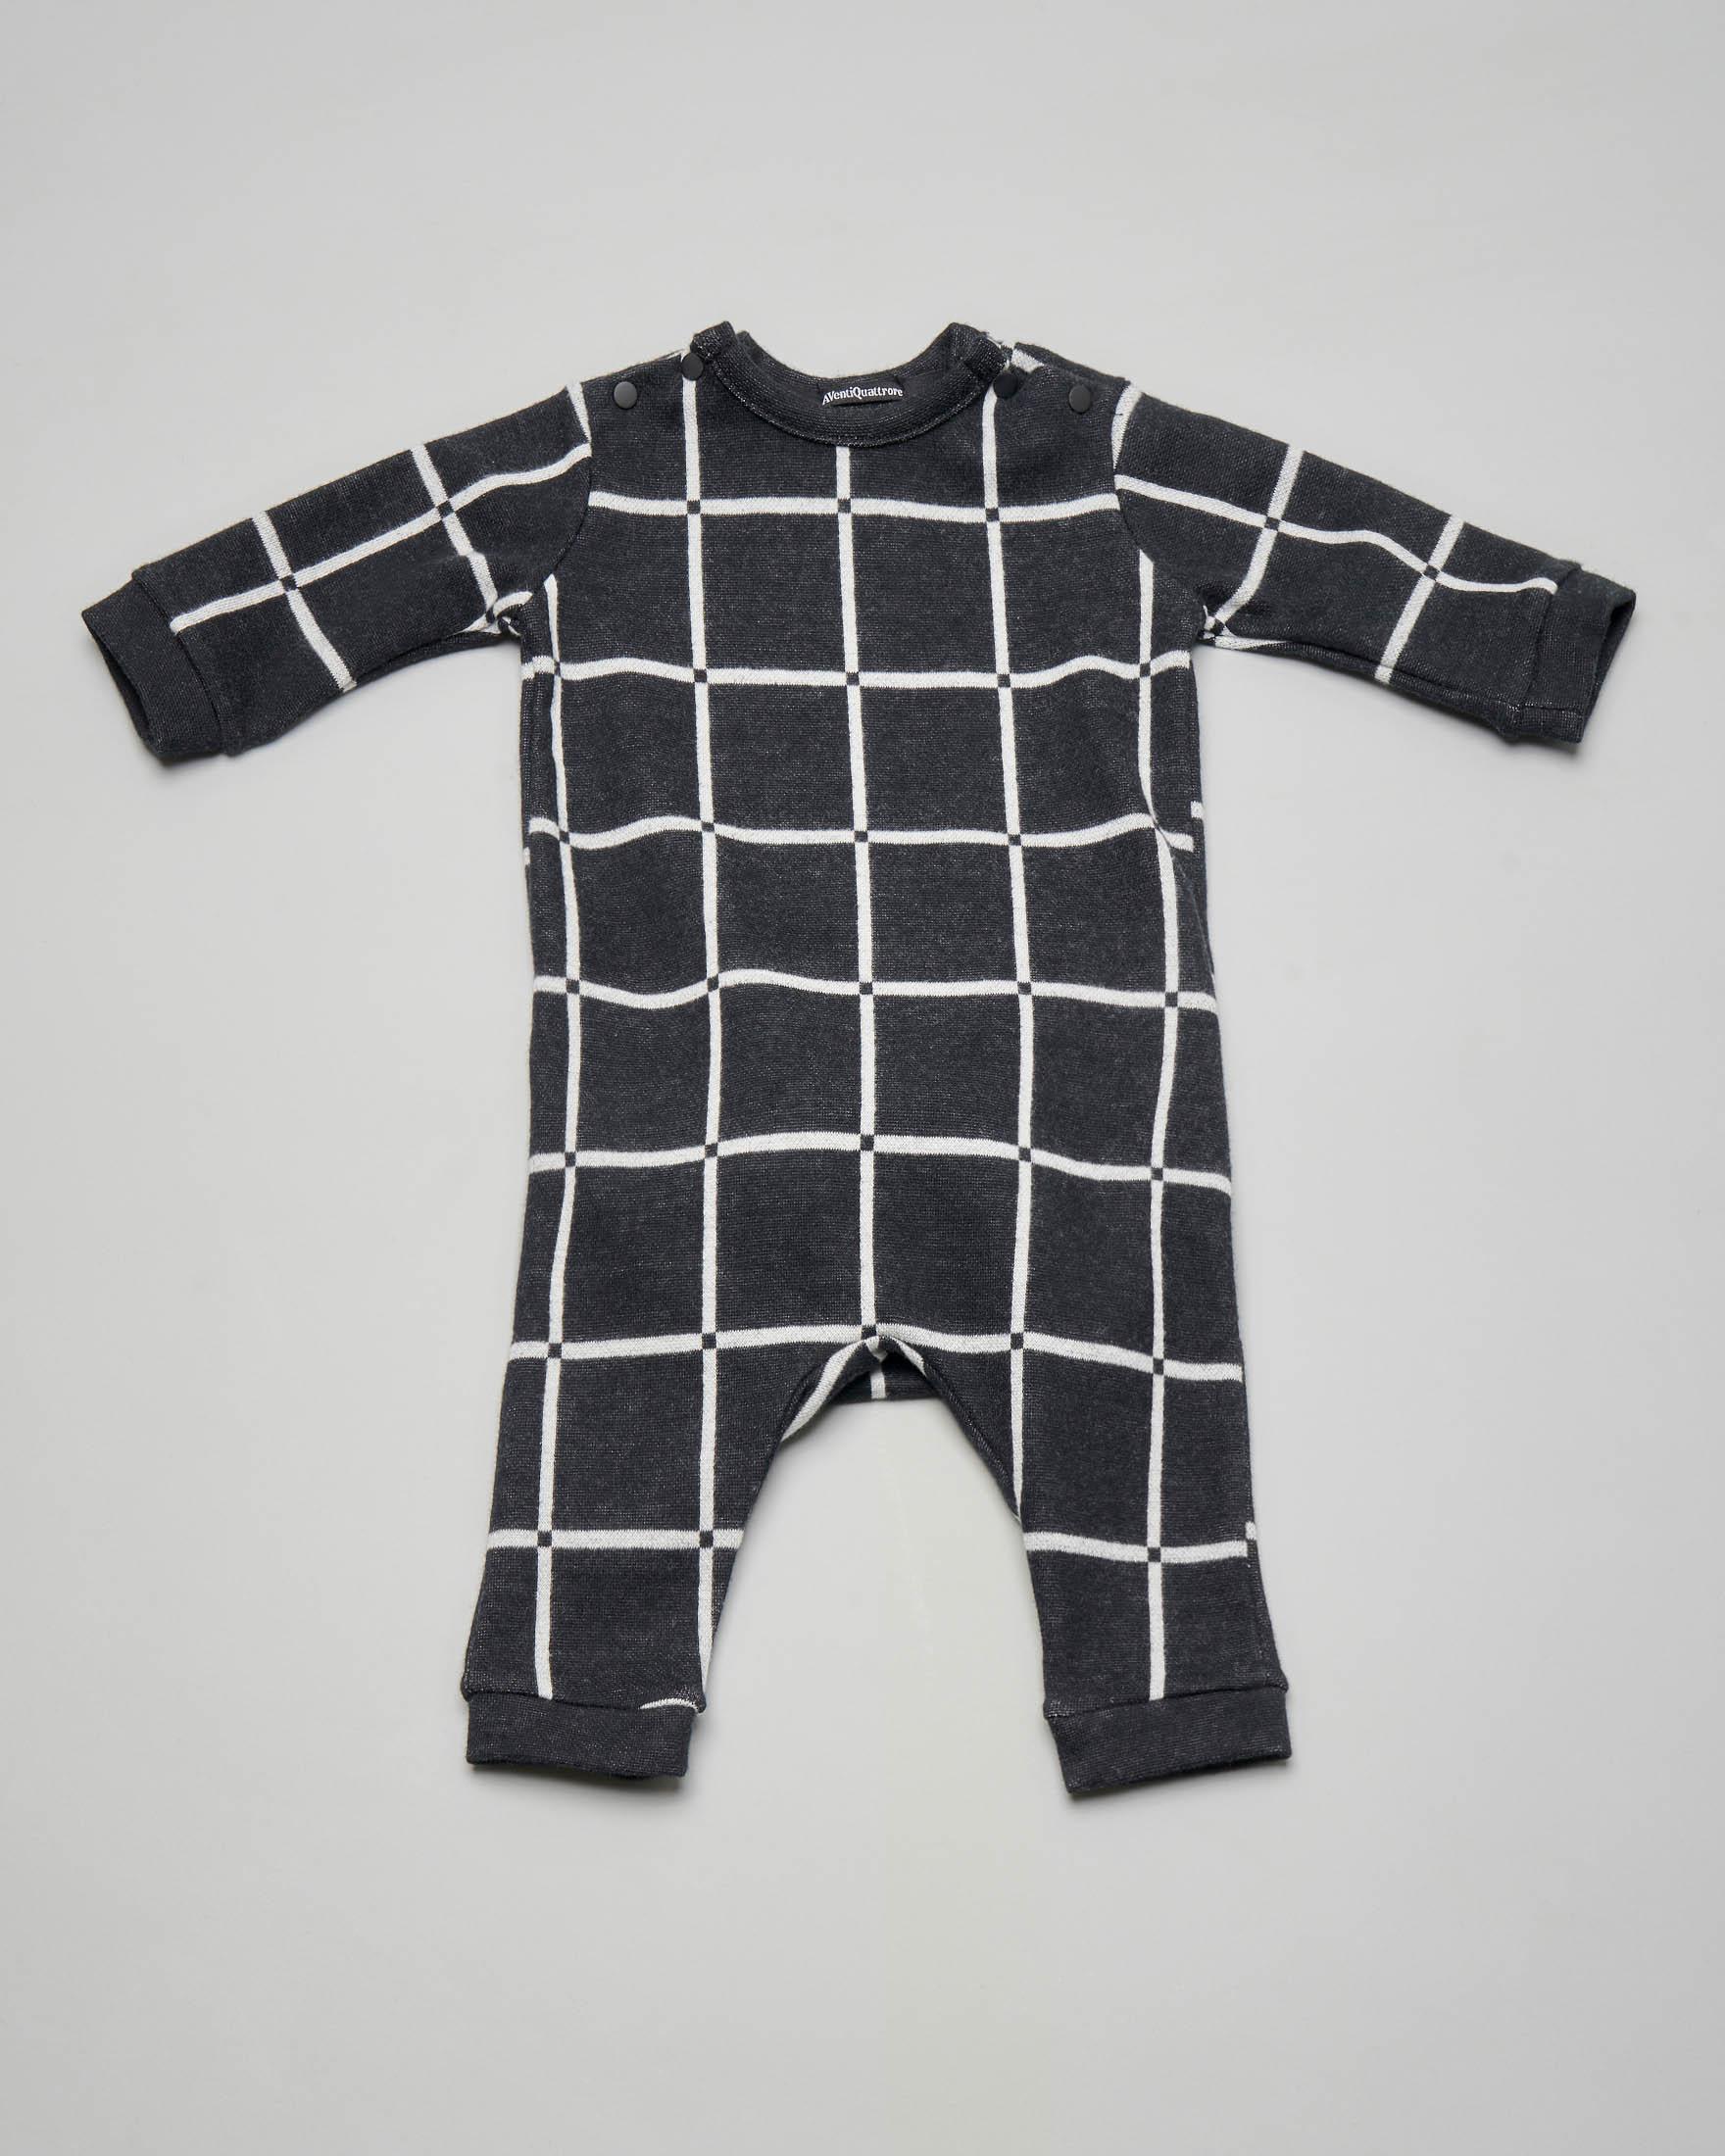 Tutina grigio antracite con quadri bianchi 3-9 mesi